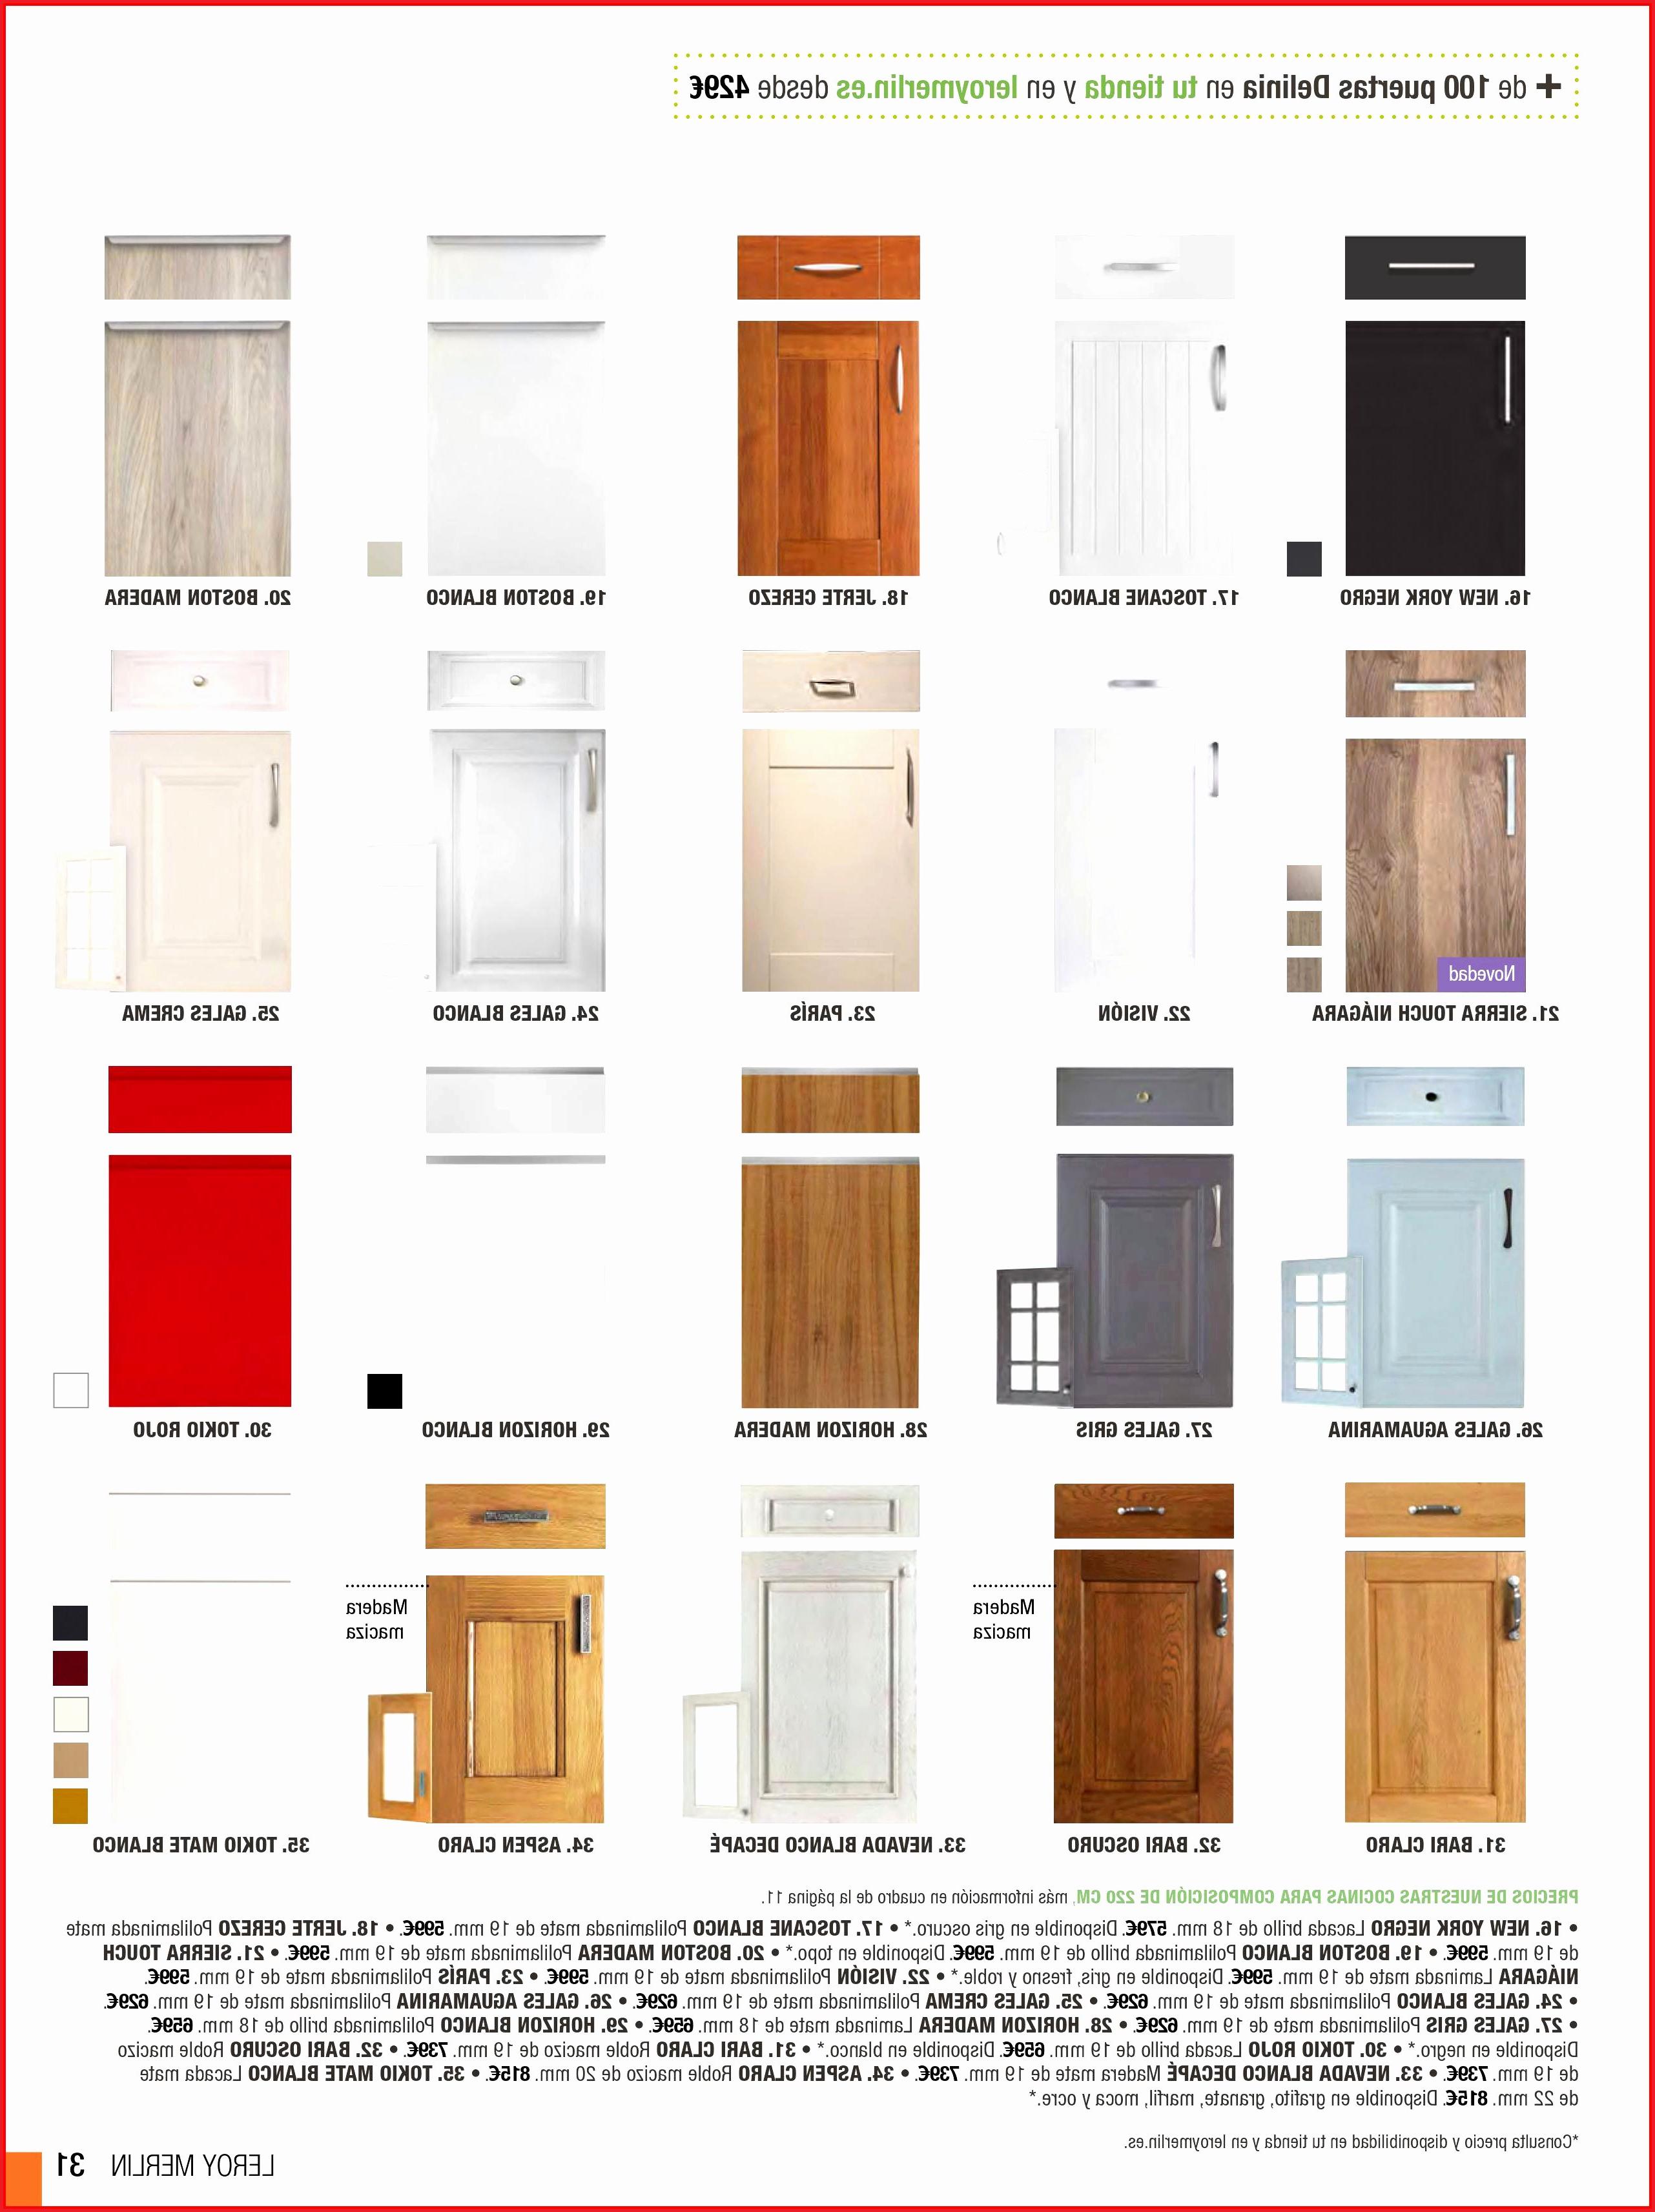 Puertas Armarios Cocina Ipdd Puertas Armarios Cocina Para Puertas De Armarios De Cocina